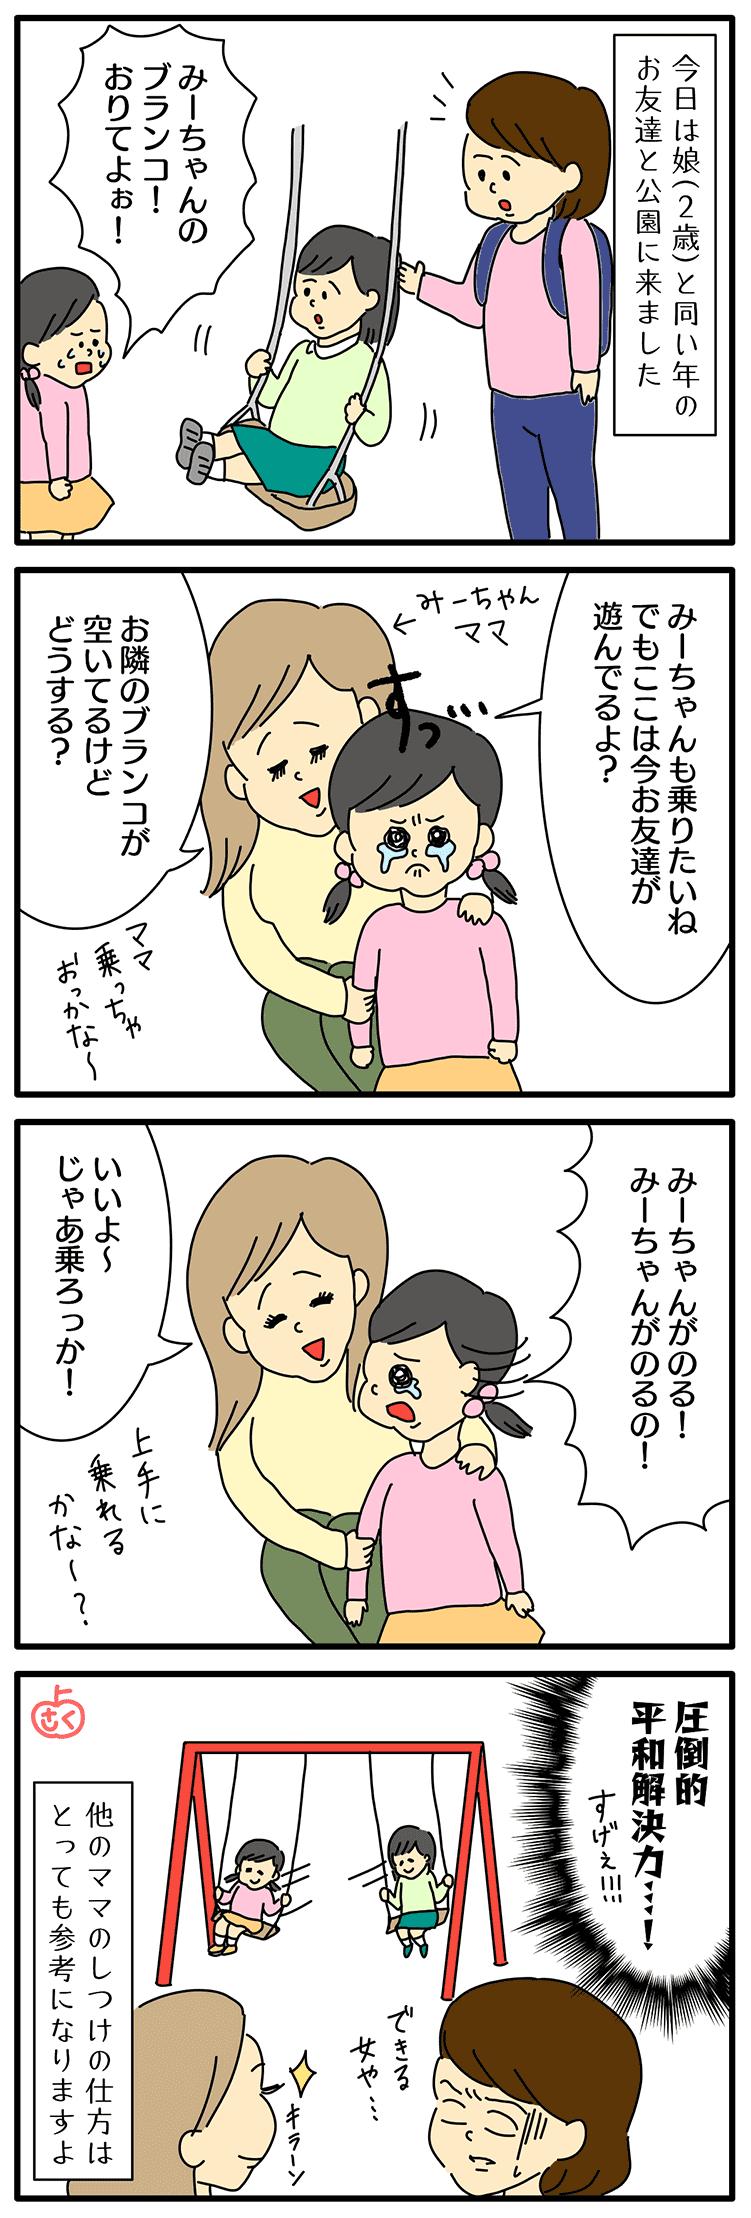 2歳児のしつけの子育て4コマ漫画